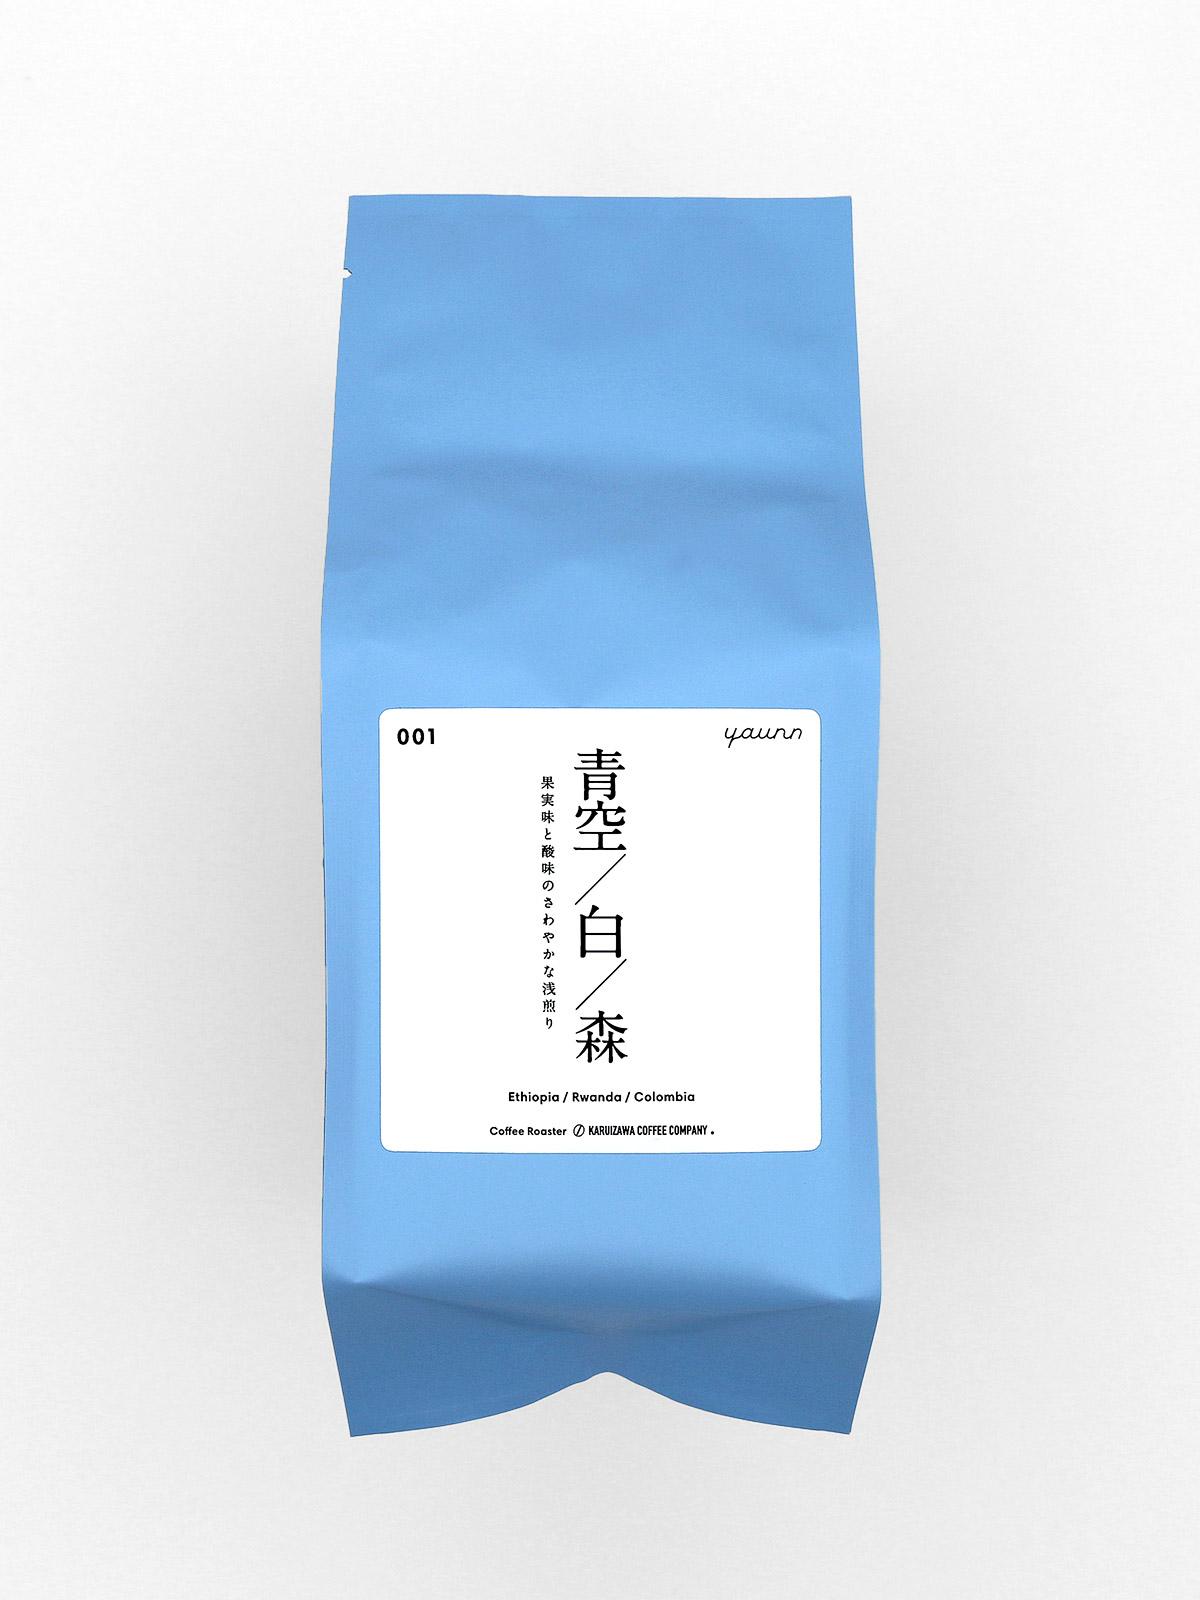 yaunn 珈琲 001「青空/白/森」 Roasted by 軽井沢コーヒーカンパニー